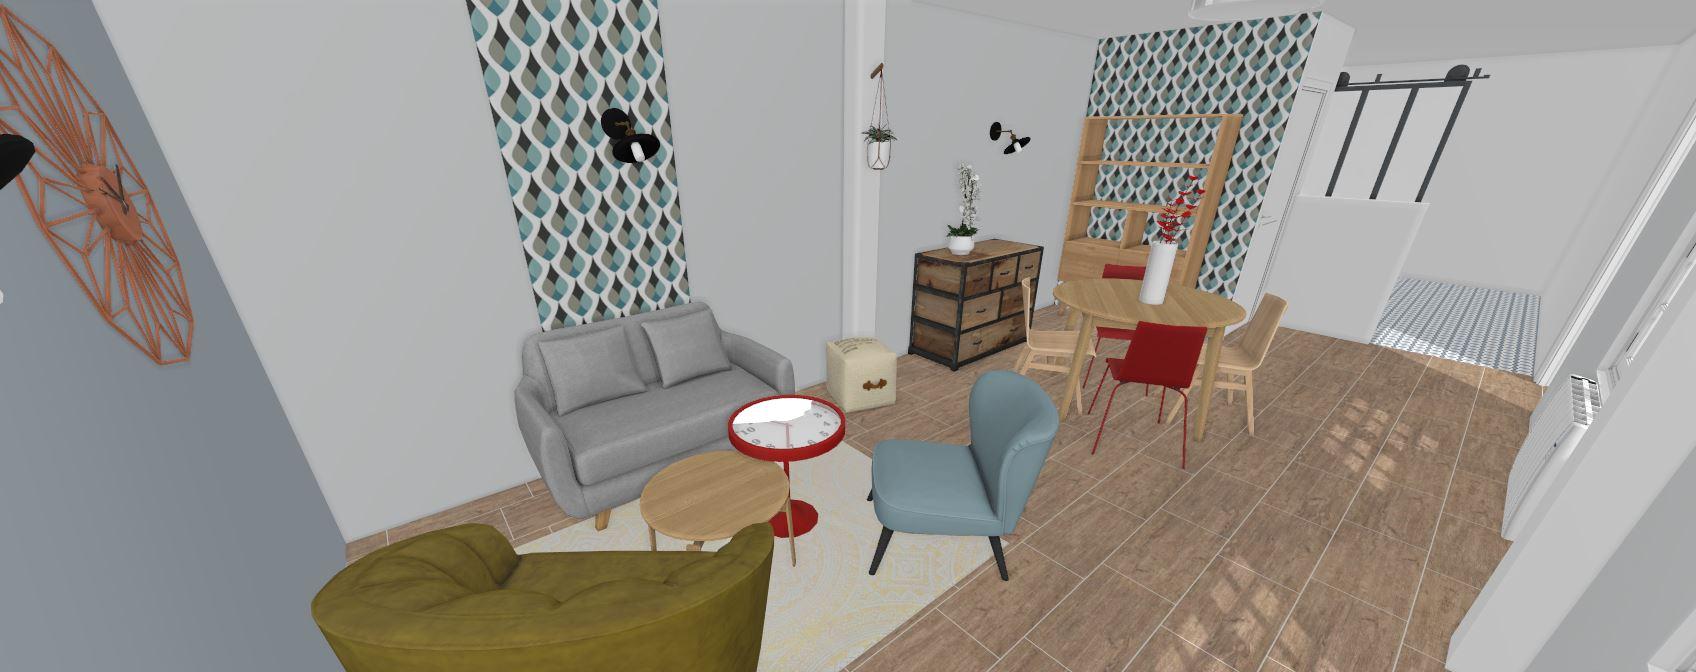 intérieur_salon_4